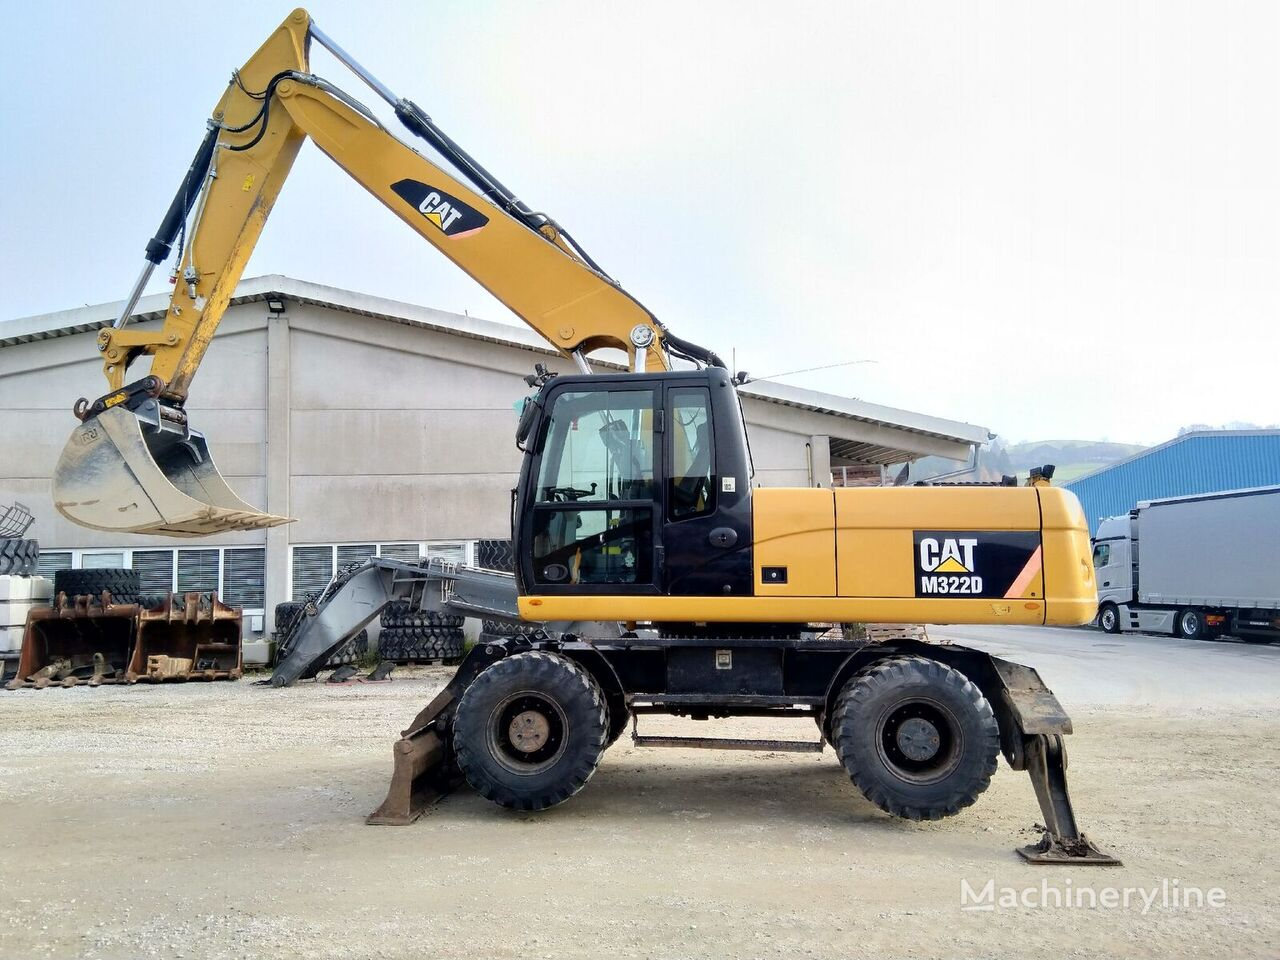 CATERPILLAR M322D wheel excavator